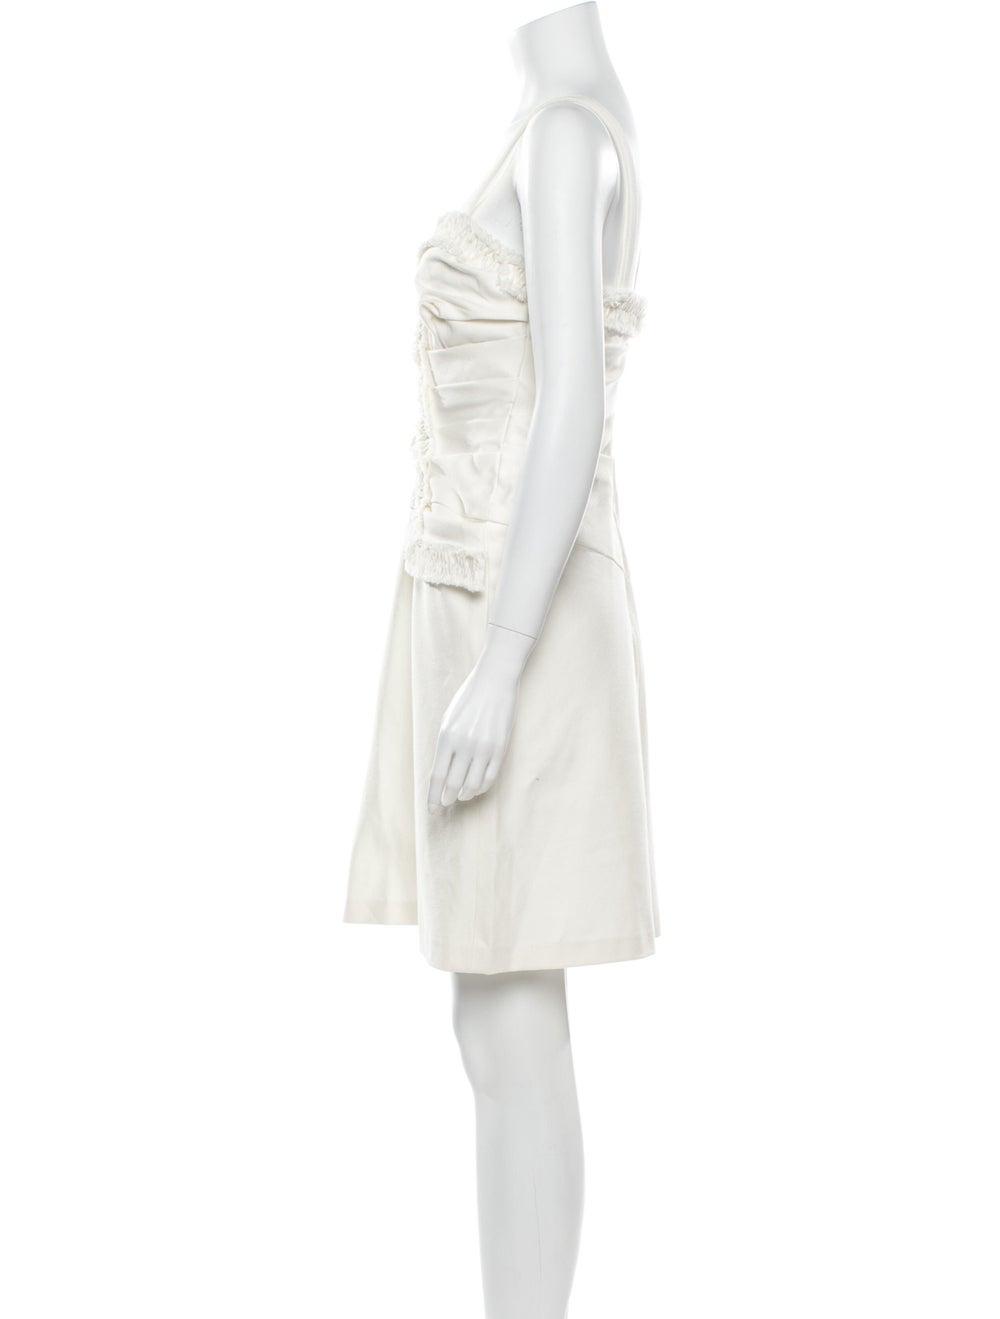 Oscar de la Renta Square Neckline Mini Dress - image 2